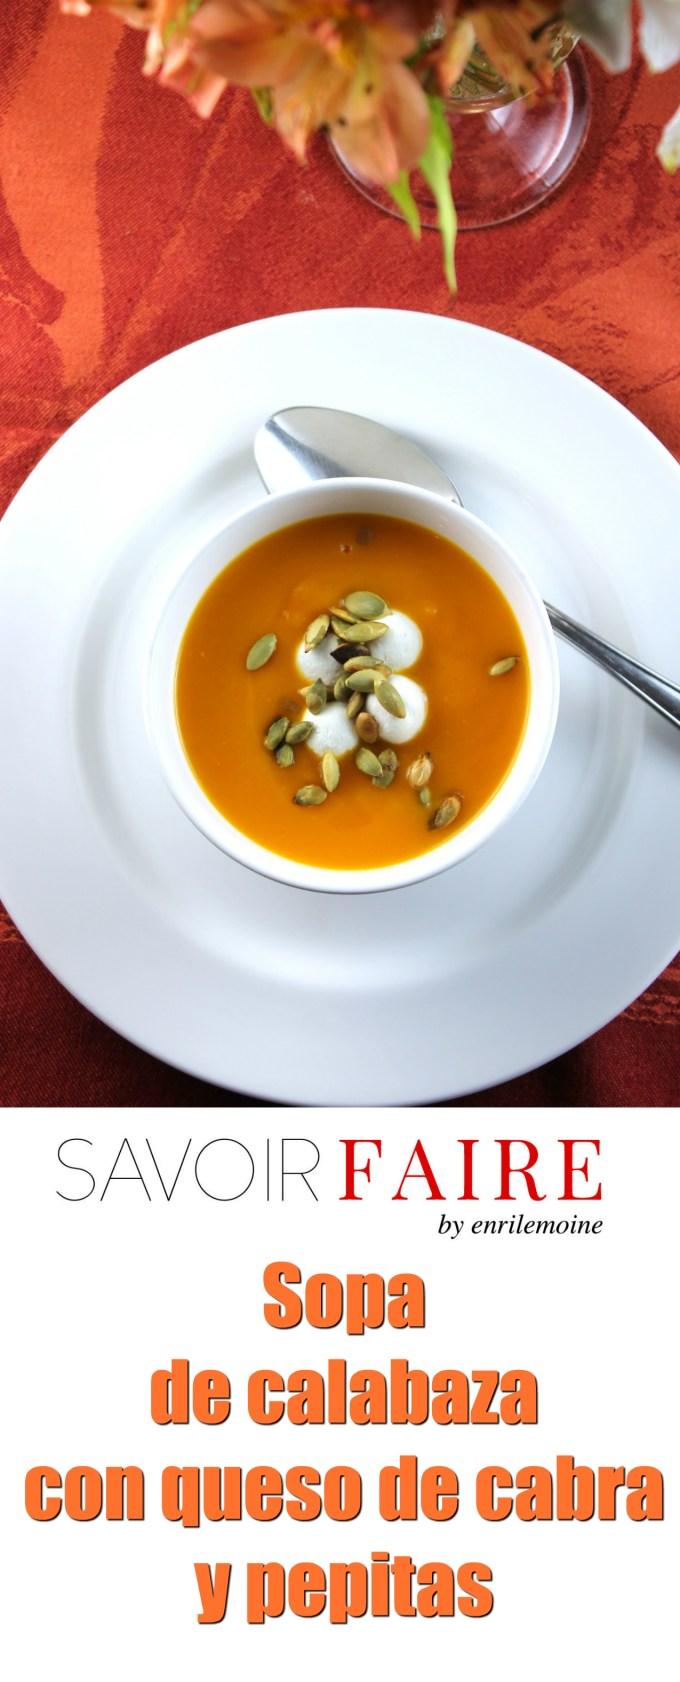 Sopa de calabaza con chevre y pepitas - SAVOIR FAIRE by enrilemoine